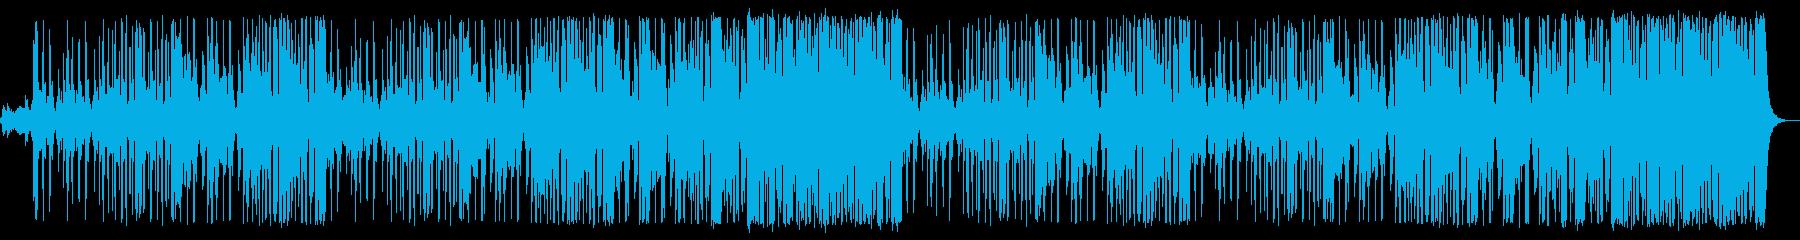 和太鼓が激しく鳴り響くドラミング尺八ありの再生済みの波形